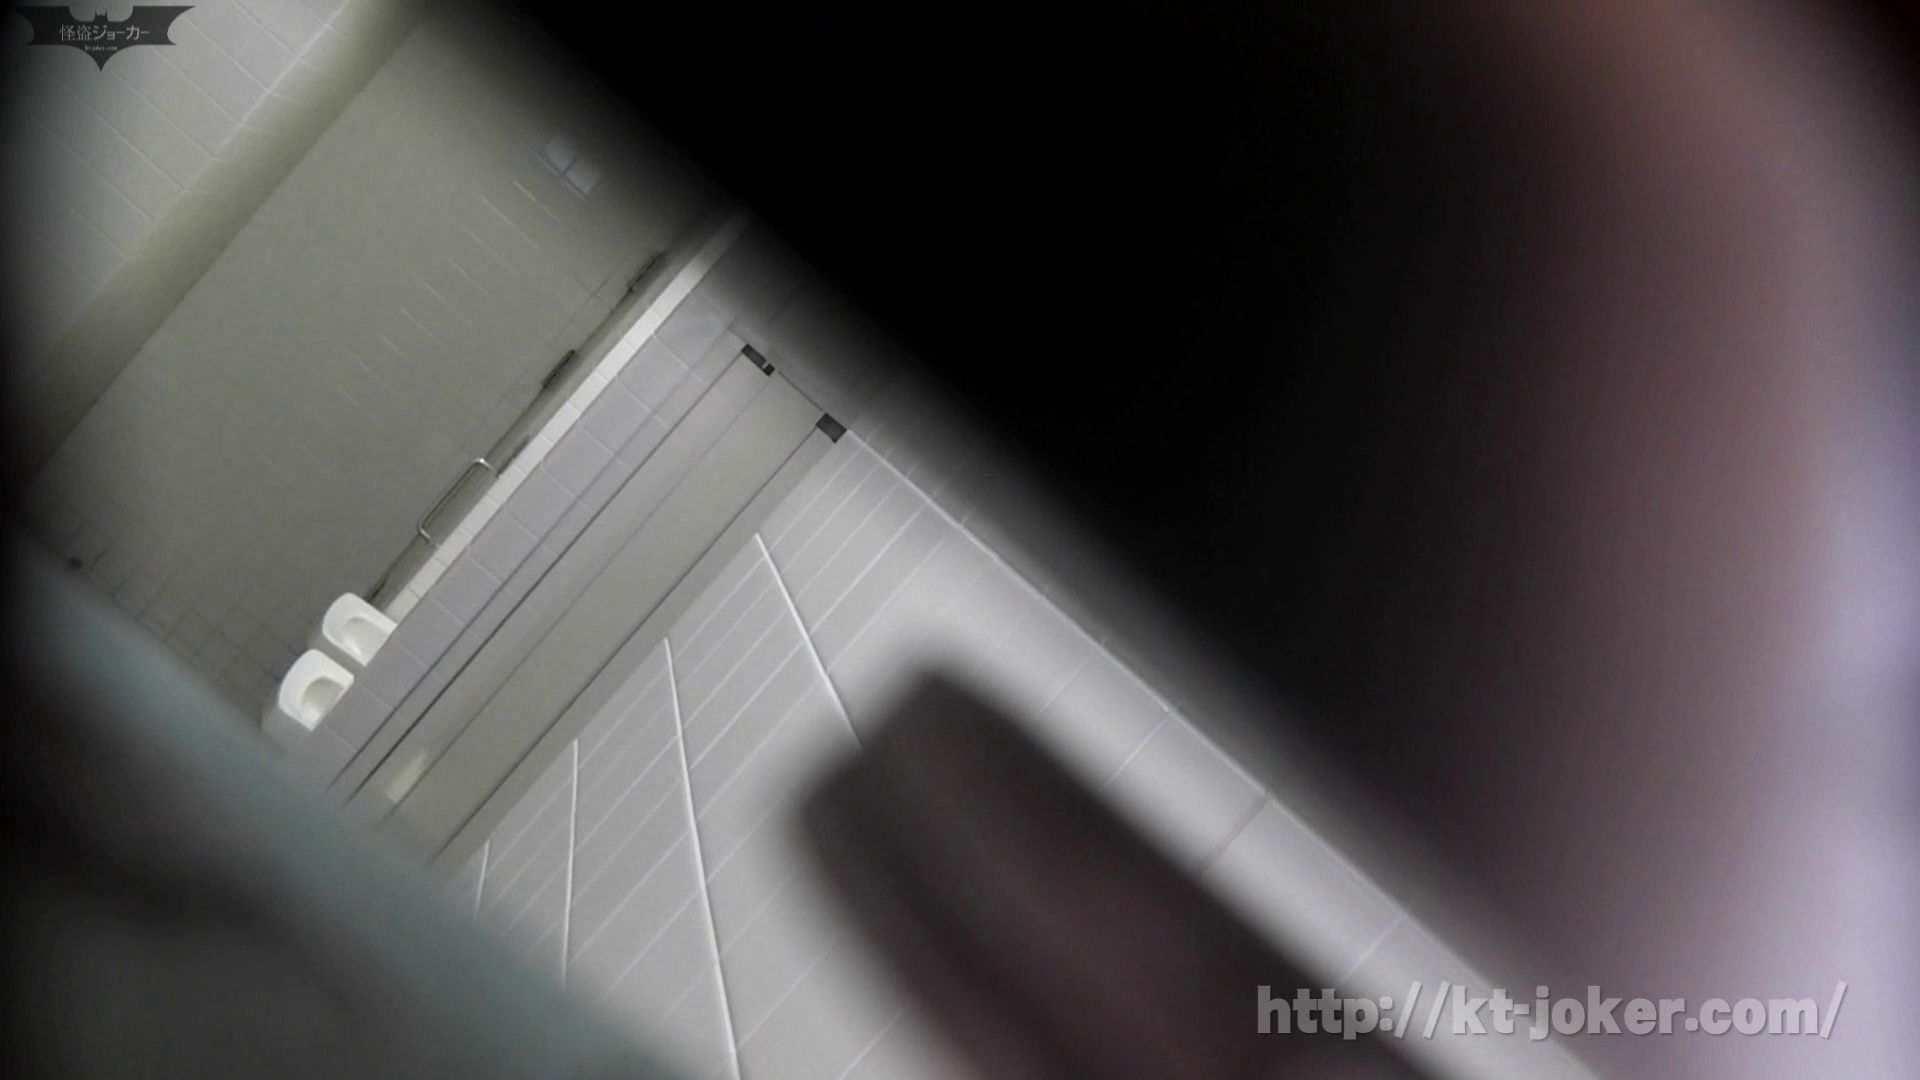 命がけ潜伏洗面所! vol.65 無謀に通路に飛び出て一番明るいフロント撮り実現、見所満載 OLヌード天国  84PIX 66